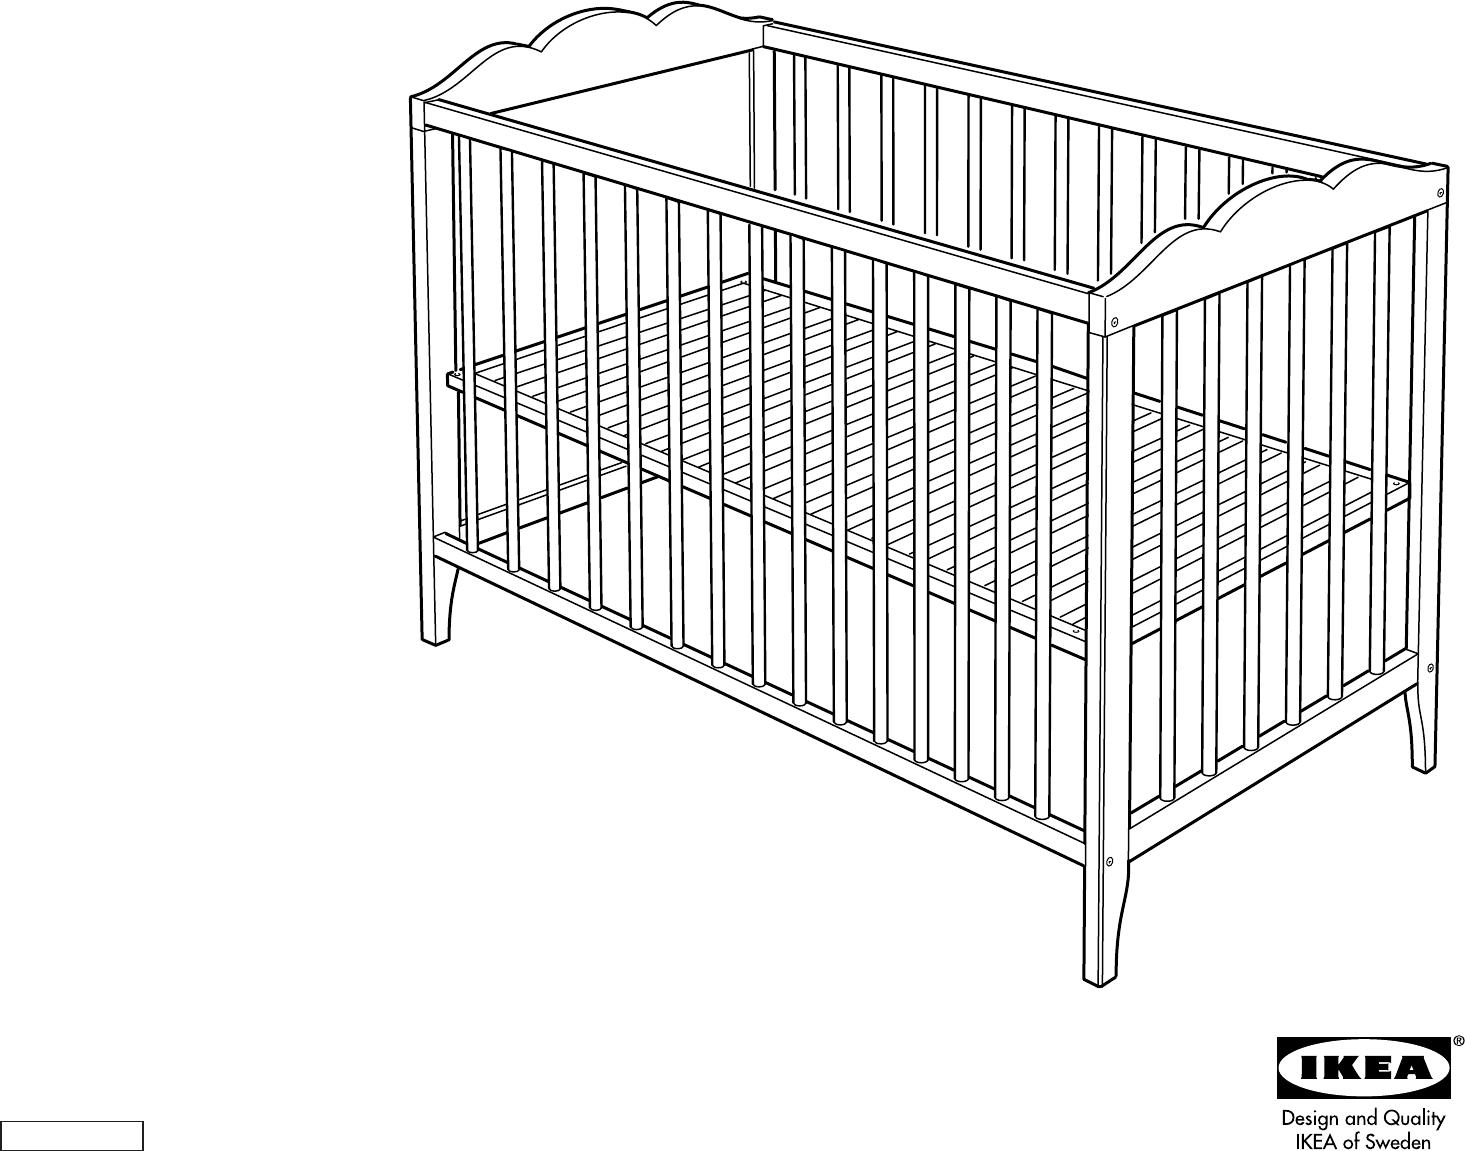 ikea hensvik free ikea hensvik changing table freebies freebies regarding hensvik changing. Black Bedroom Furniture Sets. Home Design Ideas